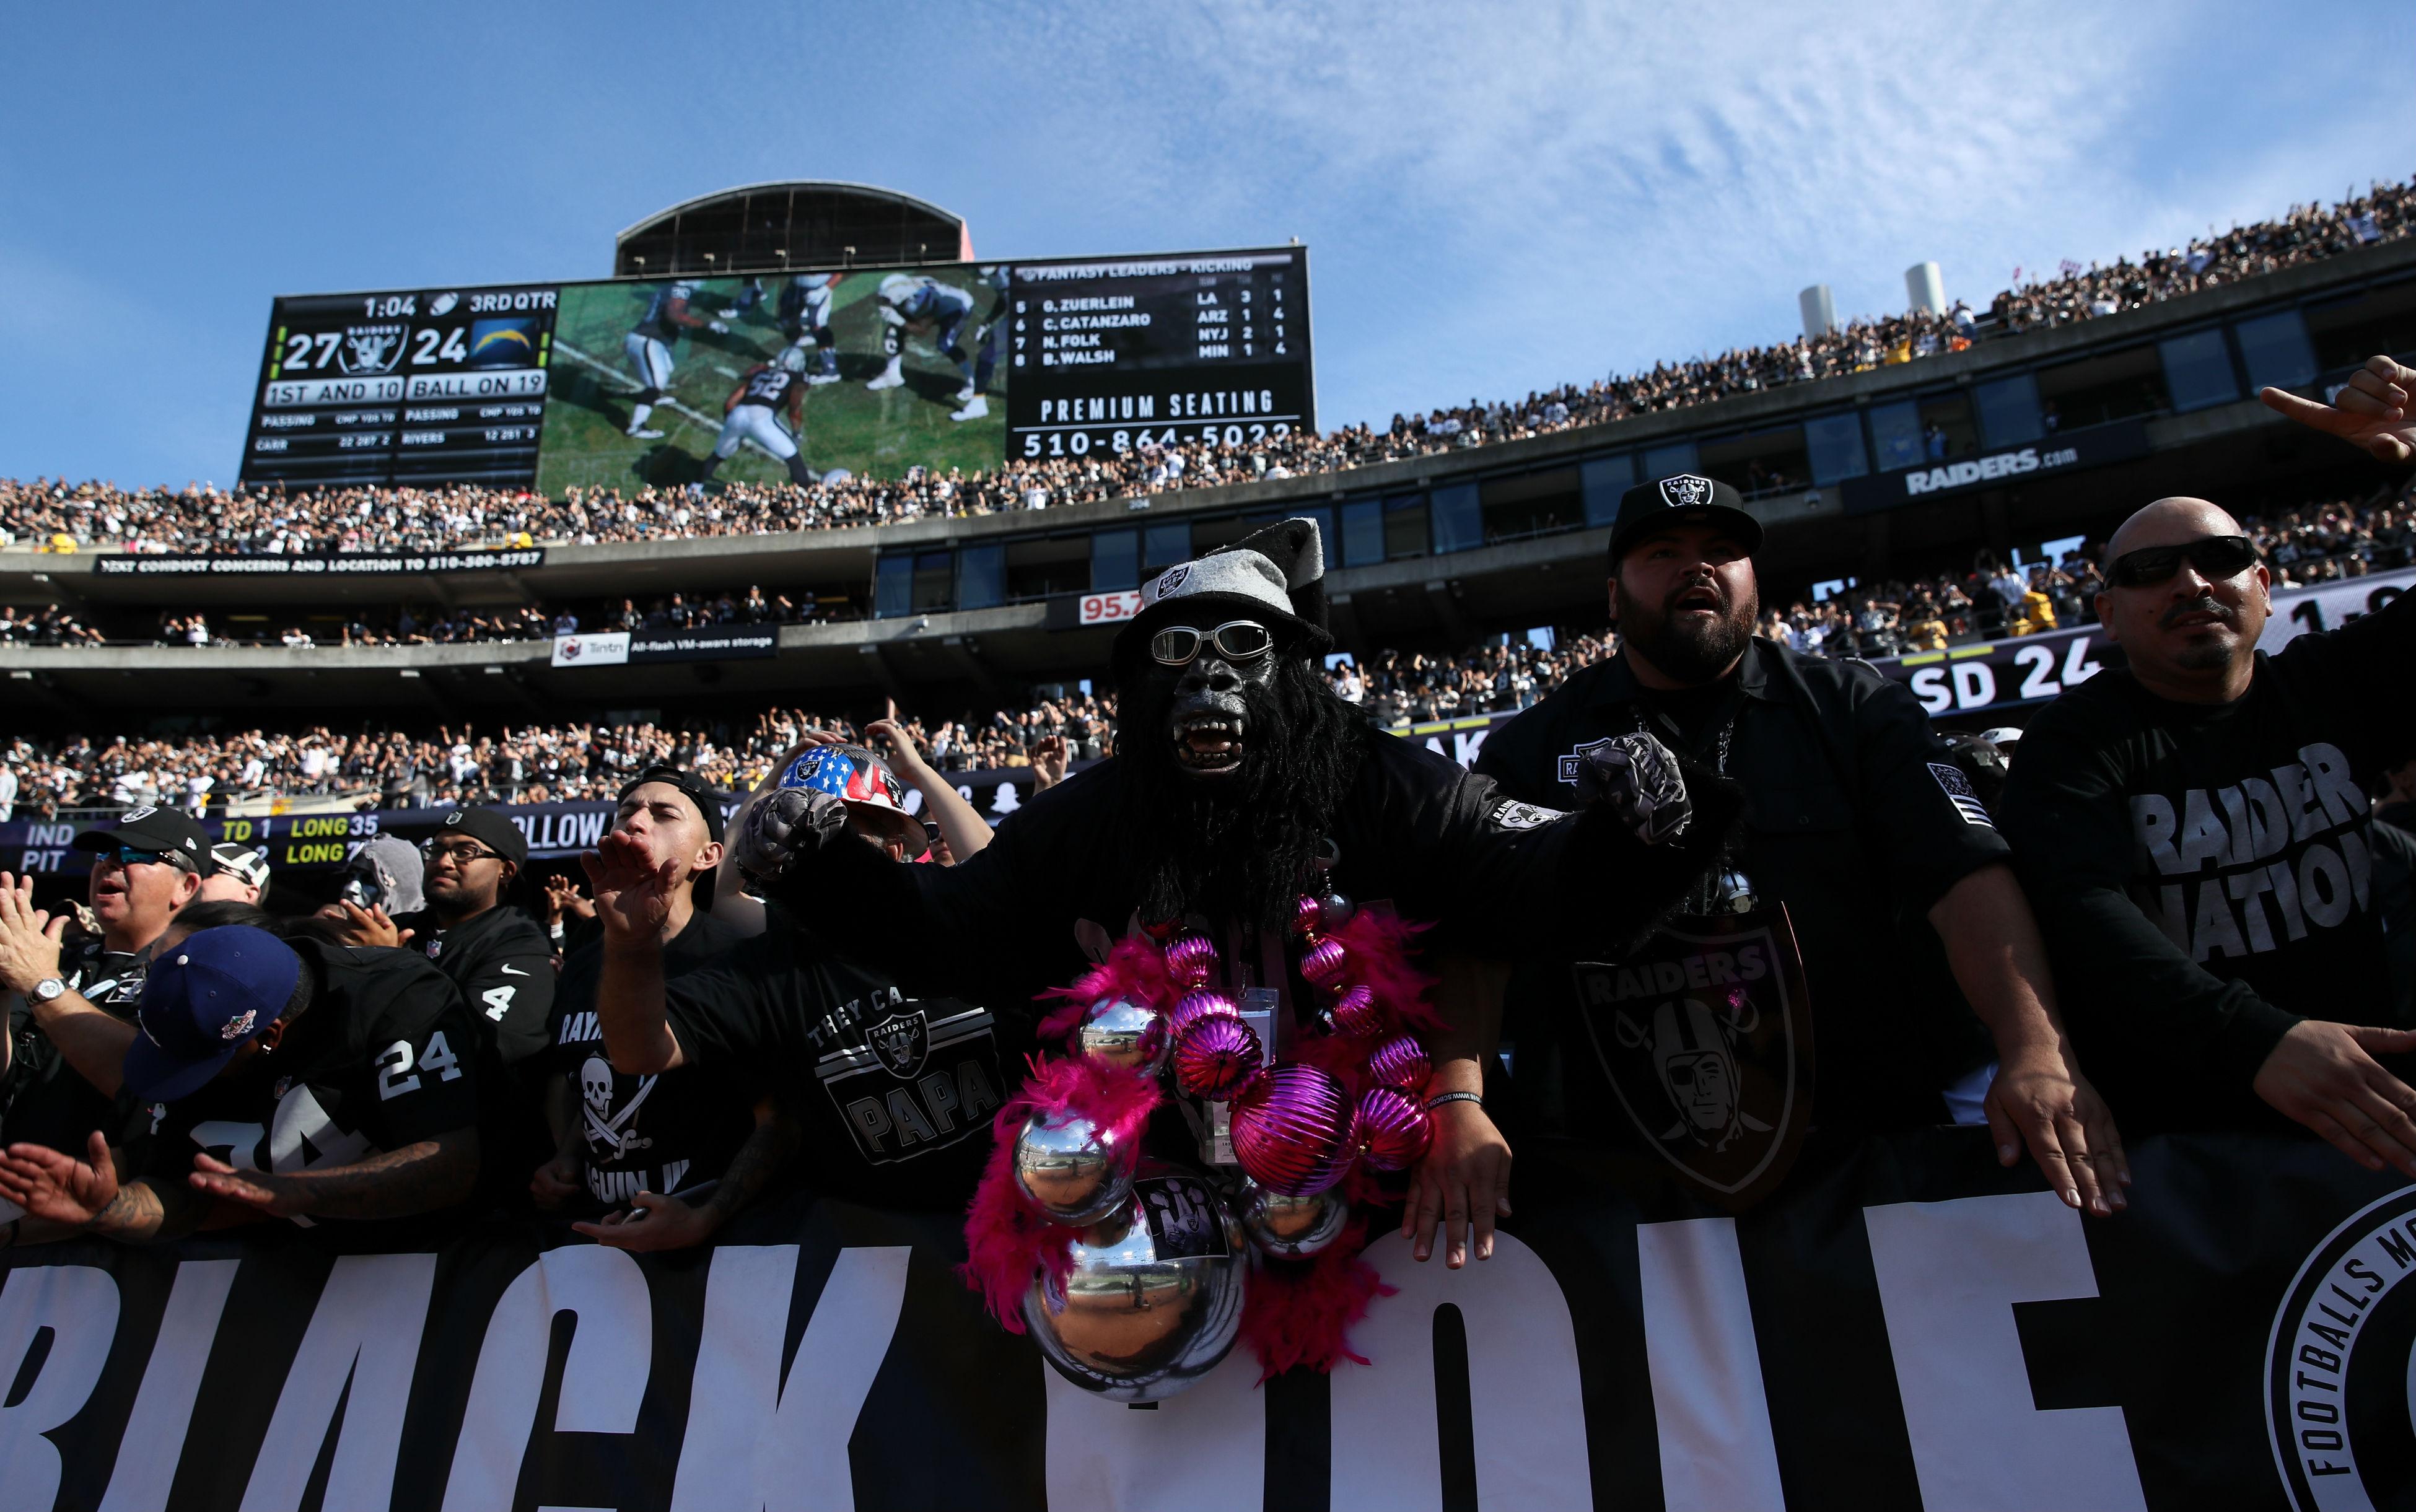 Raiders-fans-101217-Getty.jpg